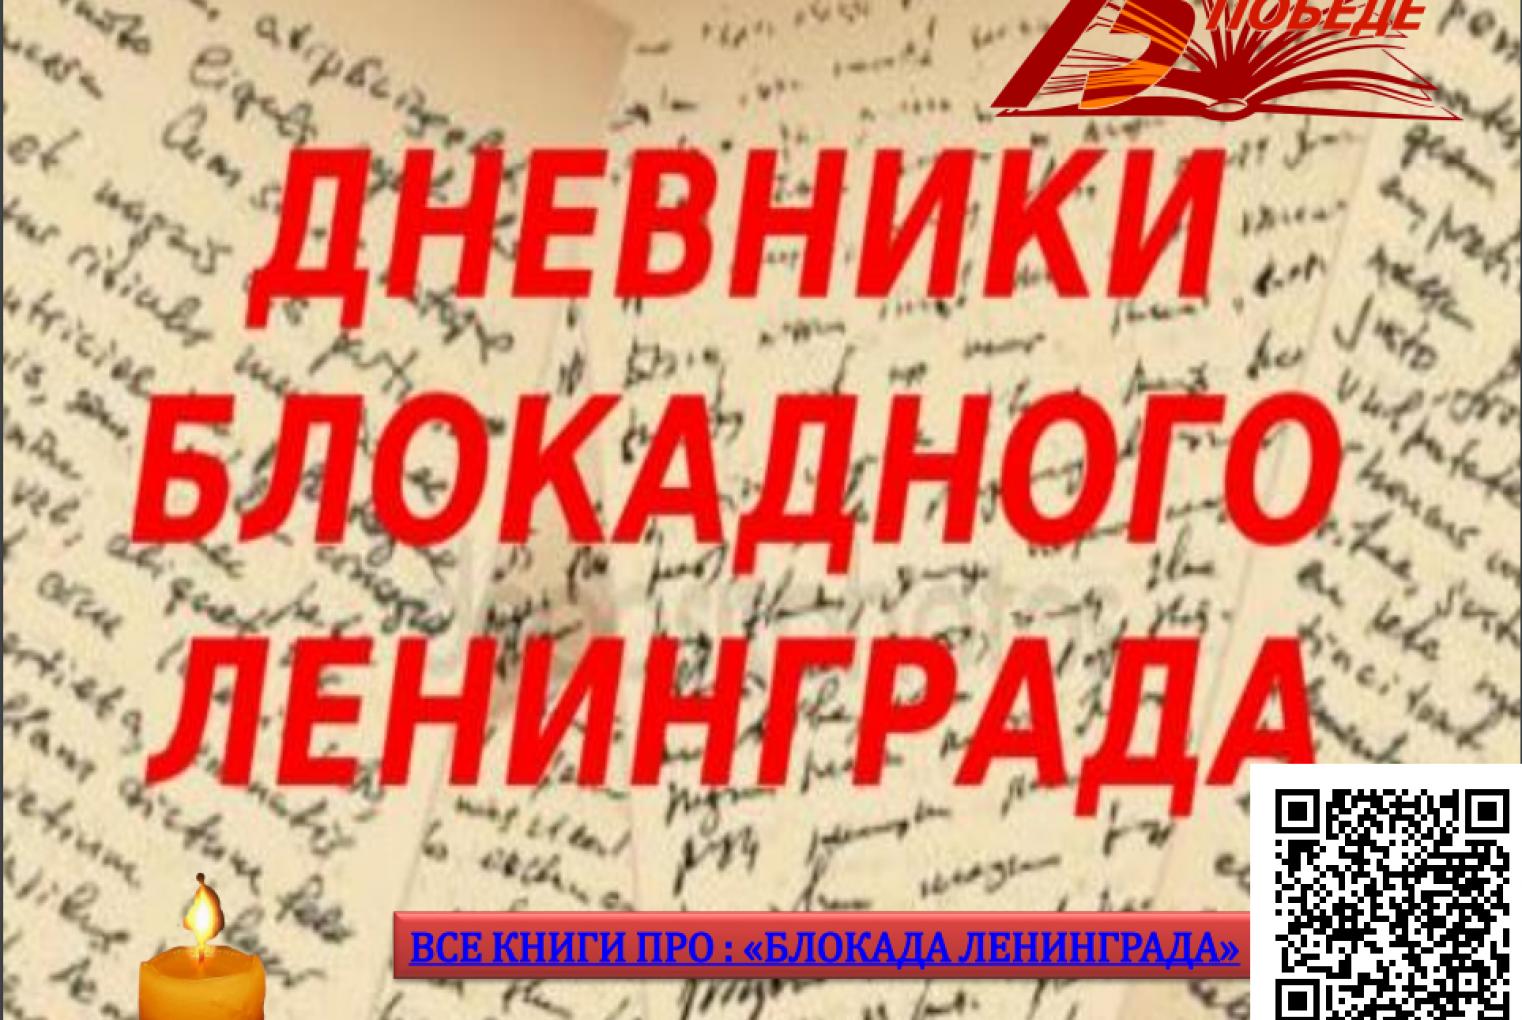 дневники блокадного ленинграда